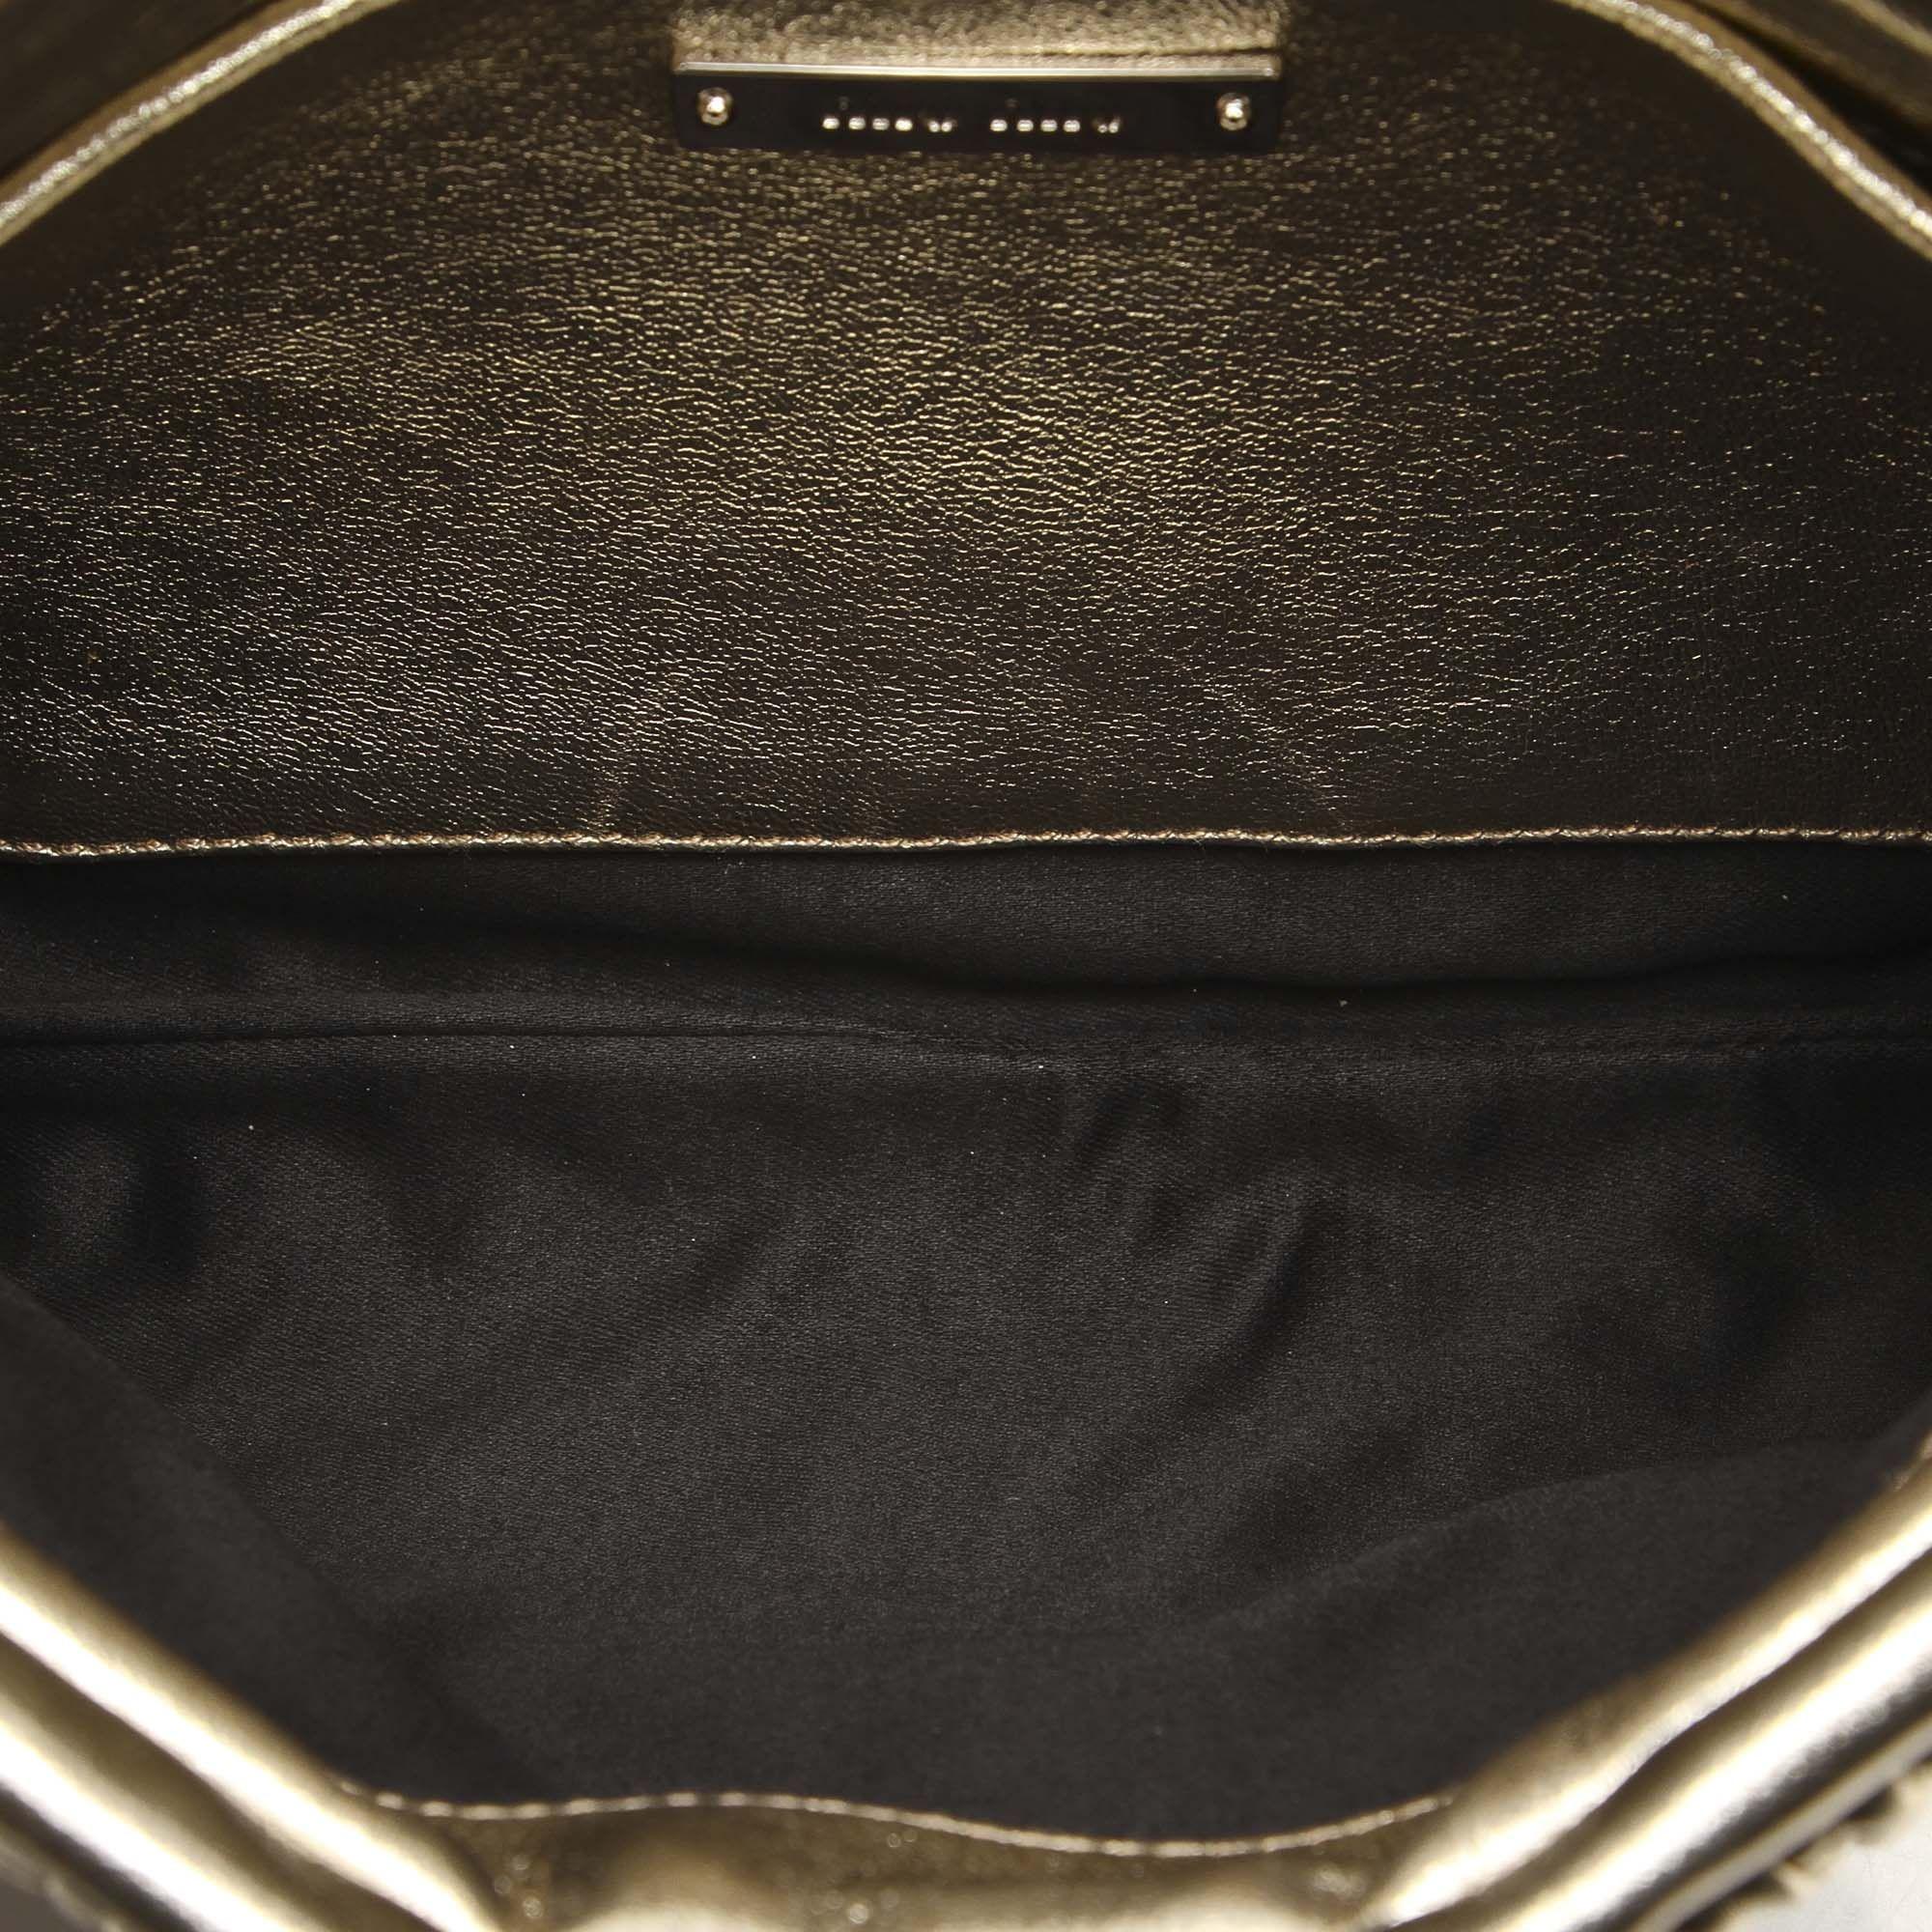 Vintage Miu Miu Matelasse Leather Satchel Gold